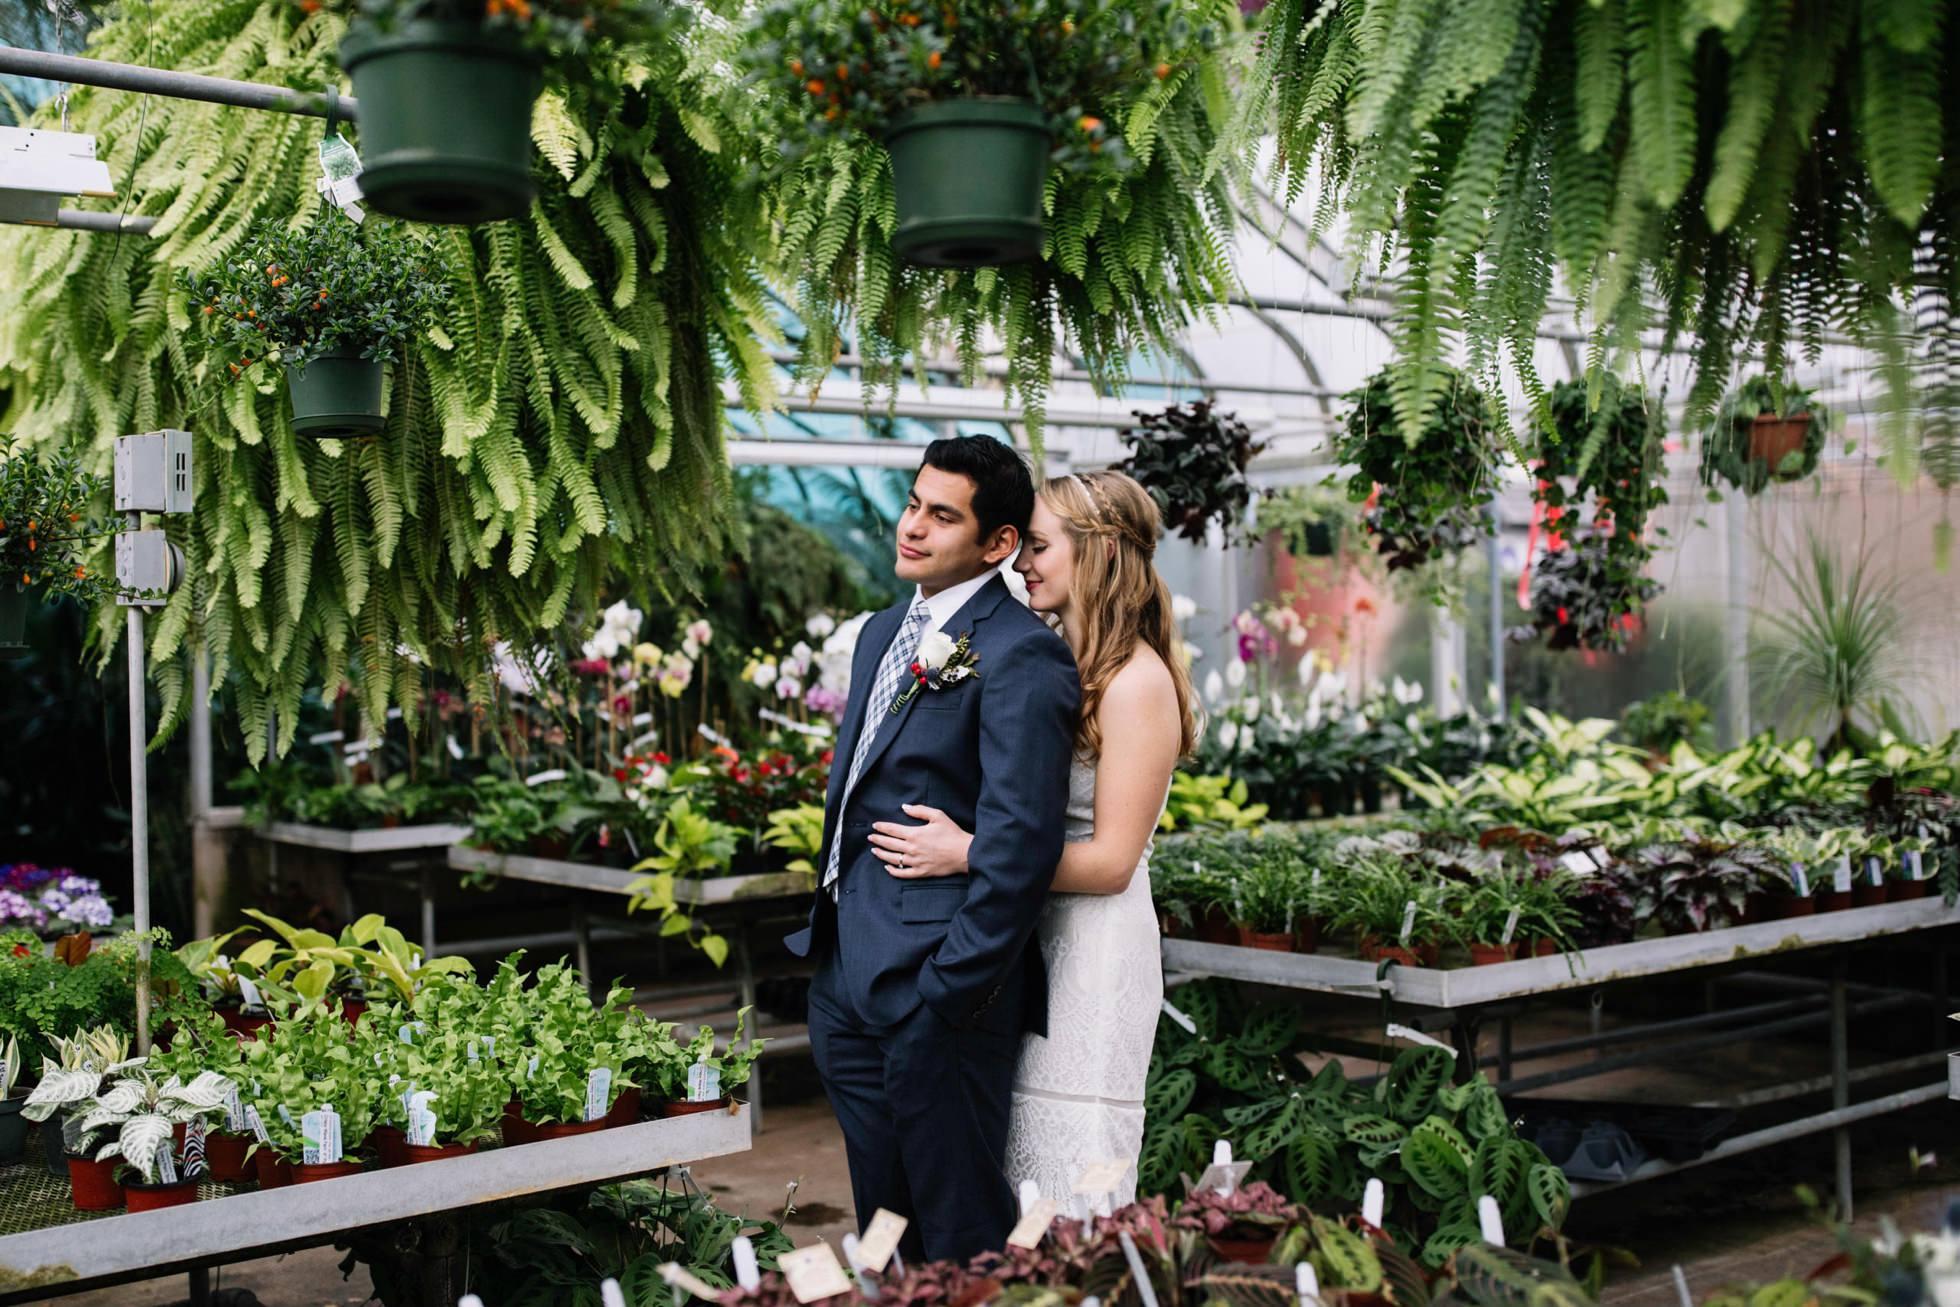 ott's exotic plants wedding photos